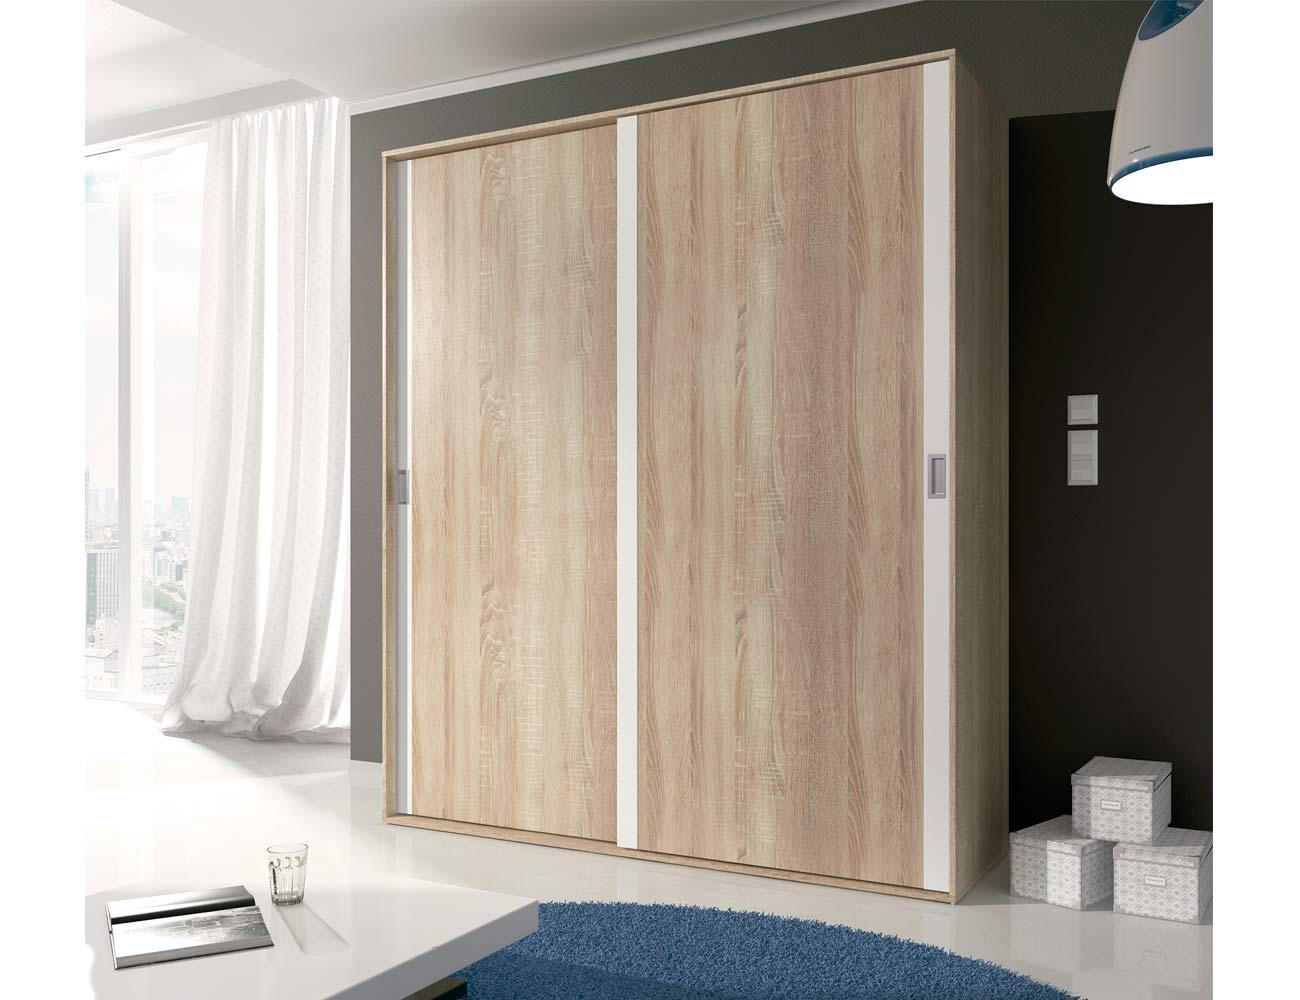 14 armario 2 puertas correderas cambrian blanco